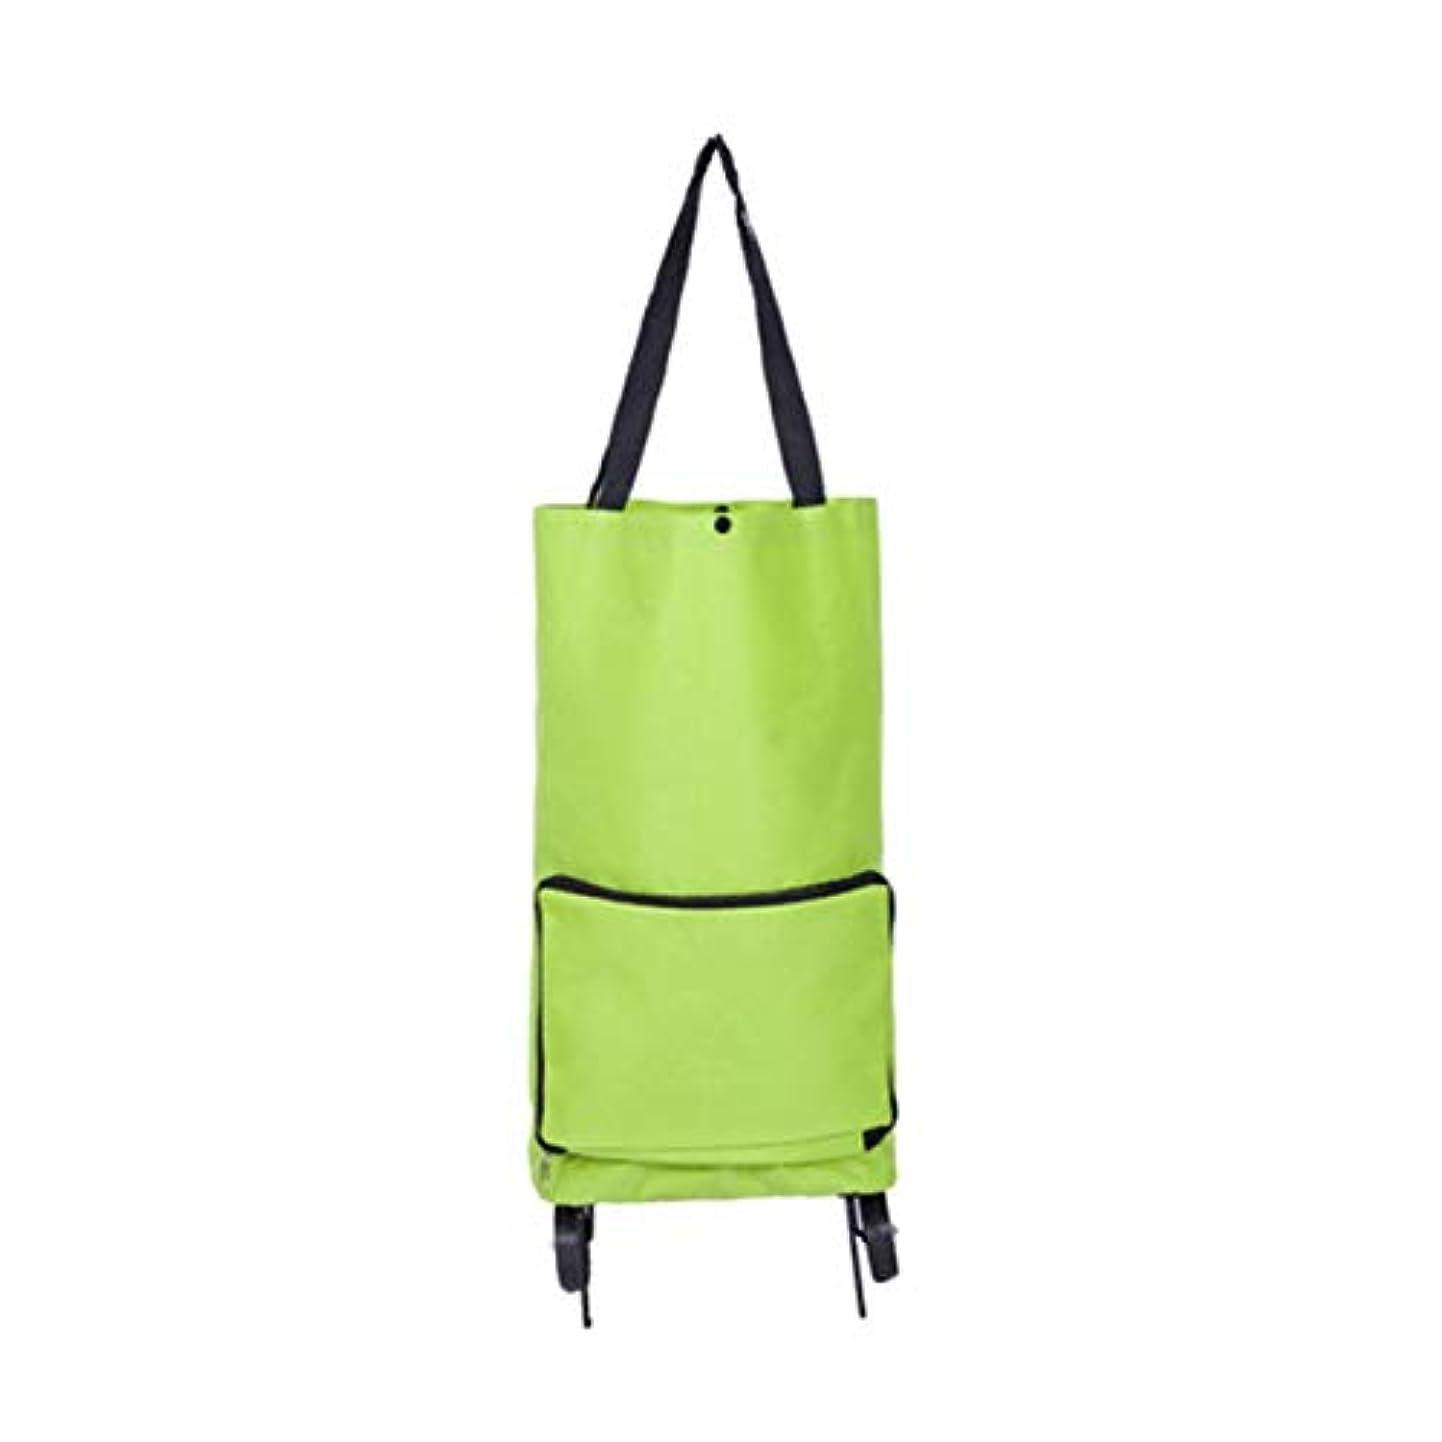 クライマックス仕方地下室Saikogoods 多機能防水オックスフォード布折り畳み式SupermarkerショッピングトロリーホイールバッグTravalカート荷物バッグ 緑